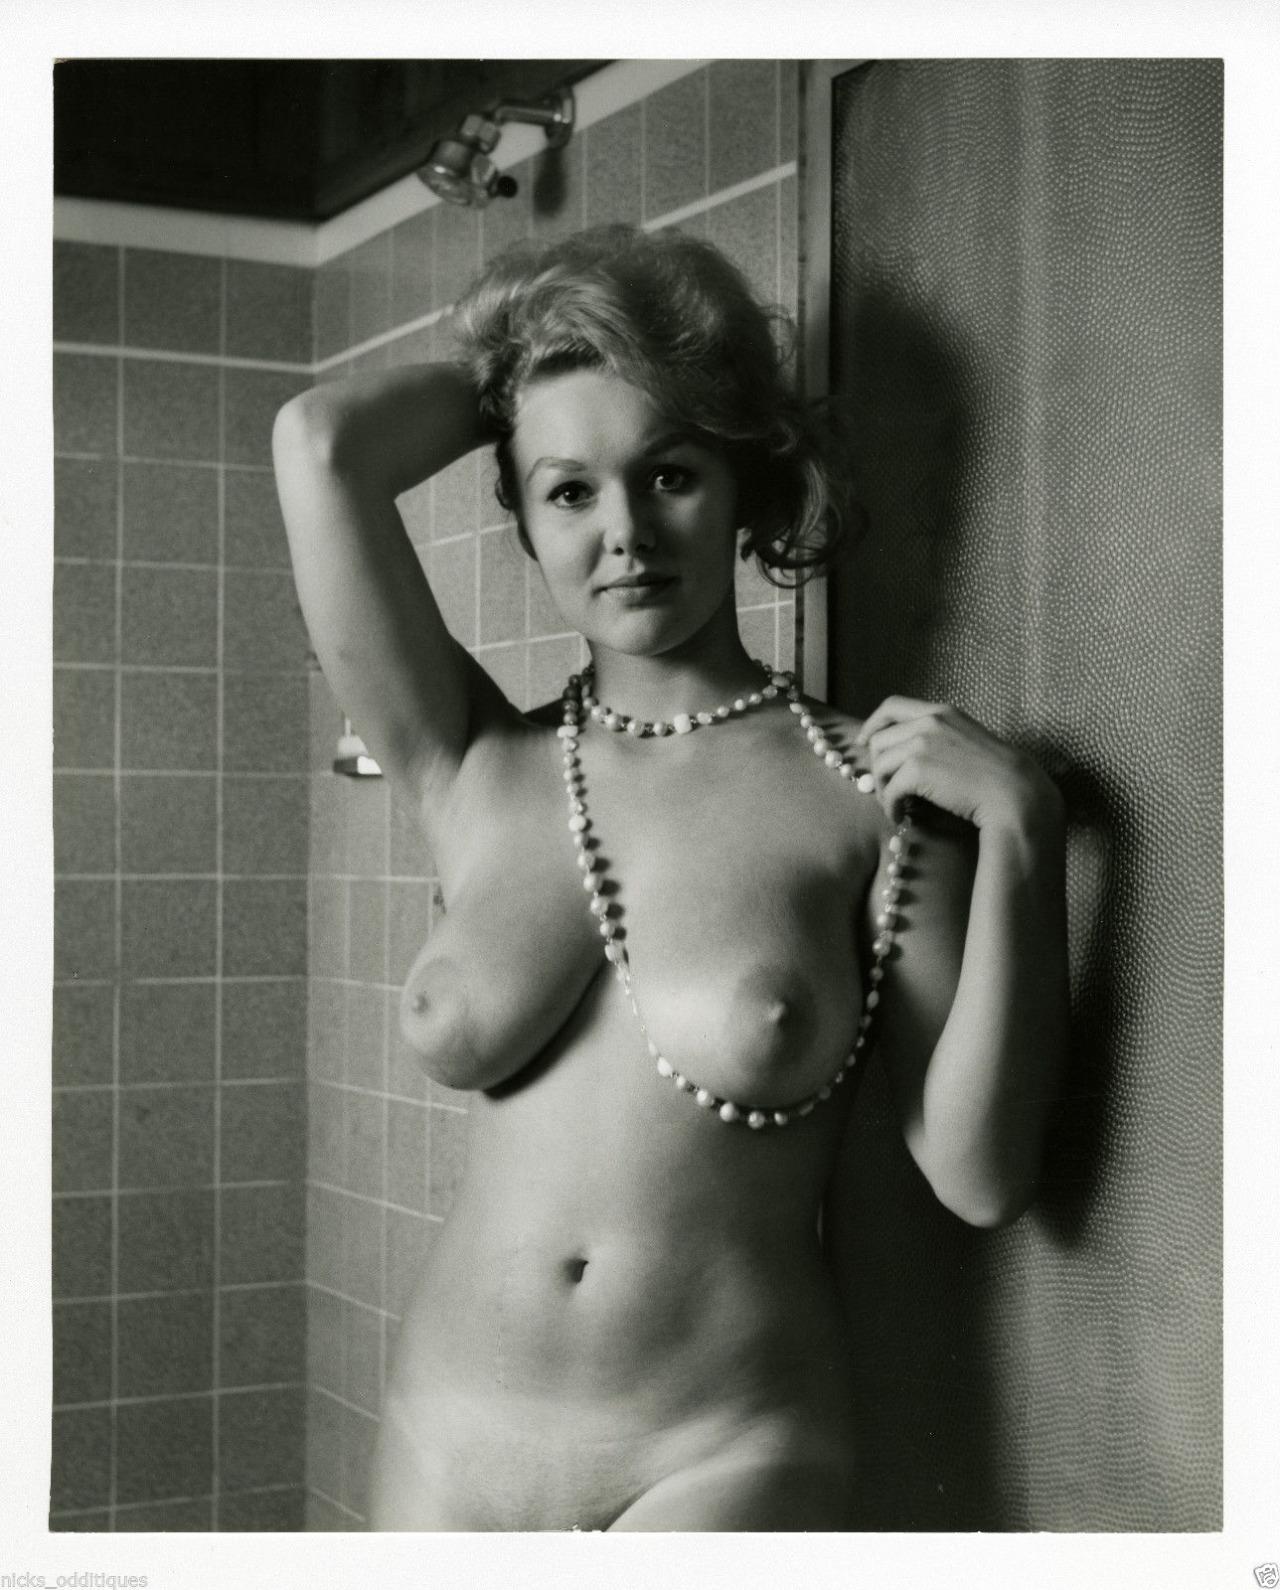 Lynsey Bartilson Nude Photos & Pics 2020